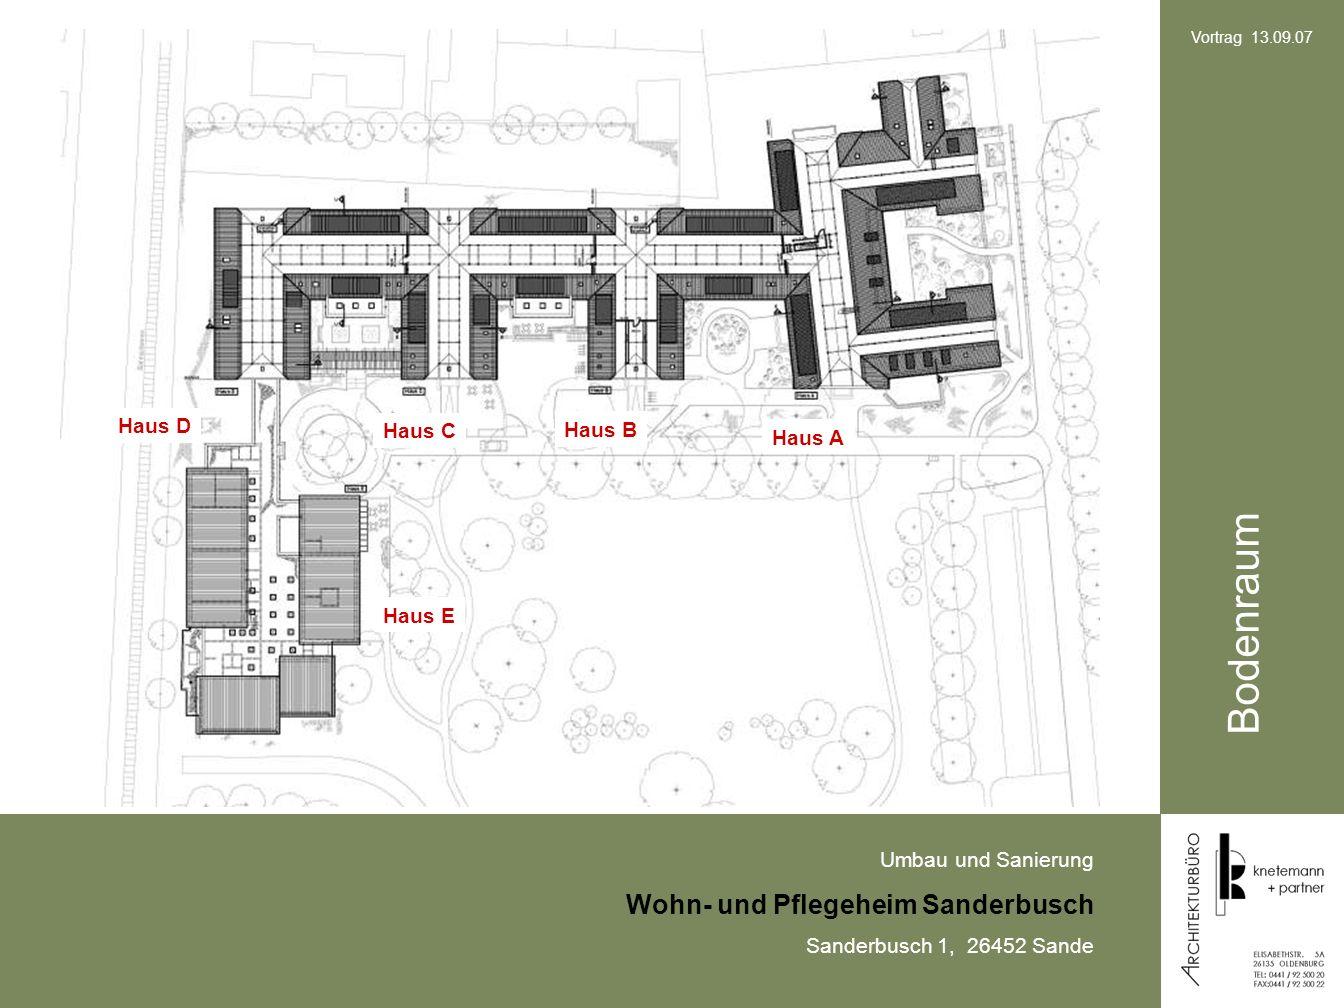 Umbau und Sanierung Wohn- und Pflegeheim Sanderbusch Sanderbusch 1, 26452 Sande Vortrag 13.09.07 Bodenraum Haus A Haus B Haus C Haus D Haus E